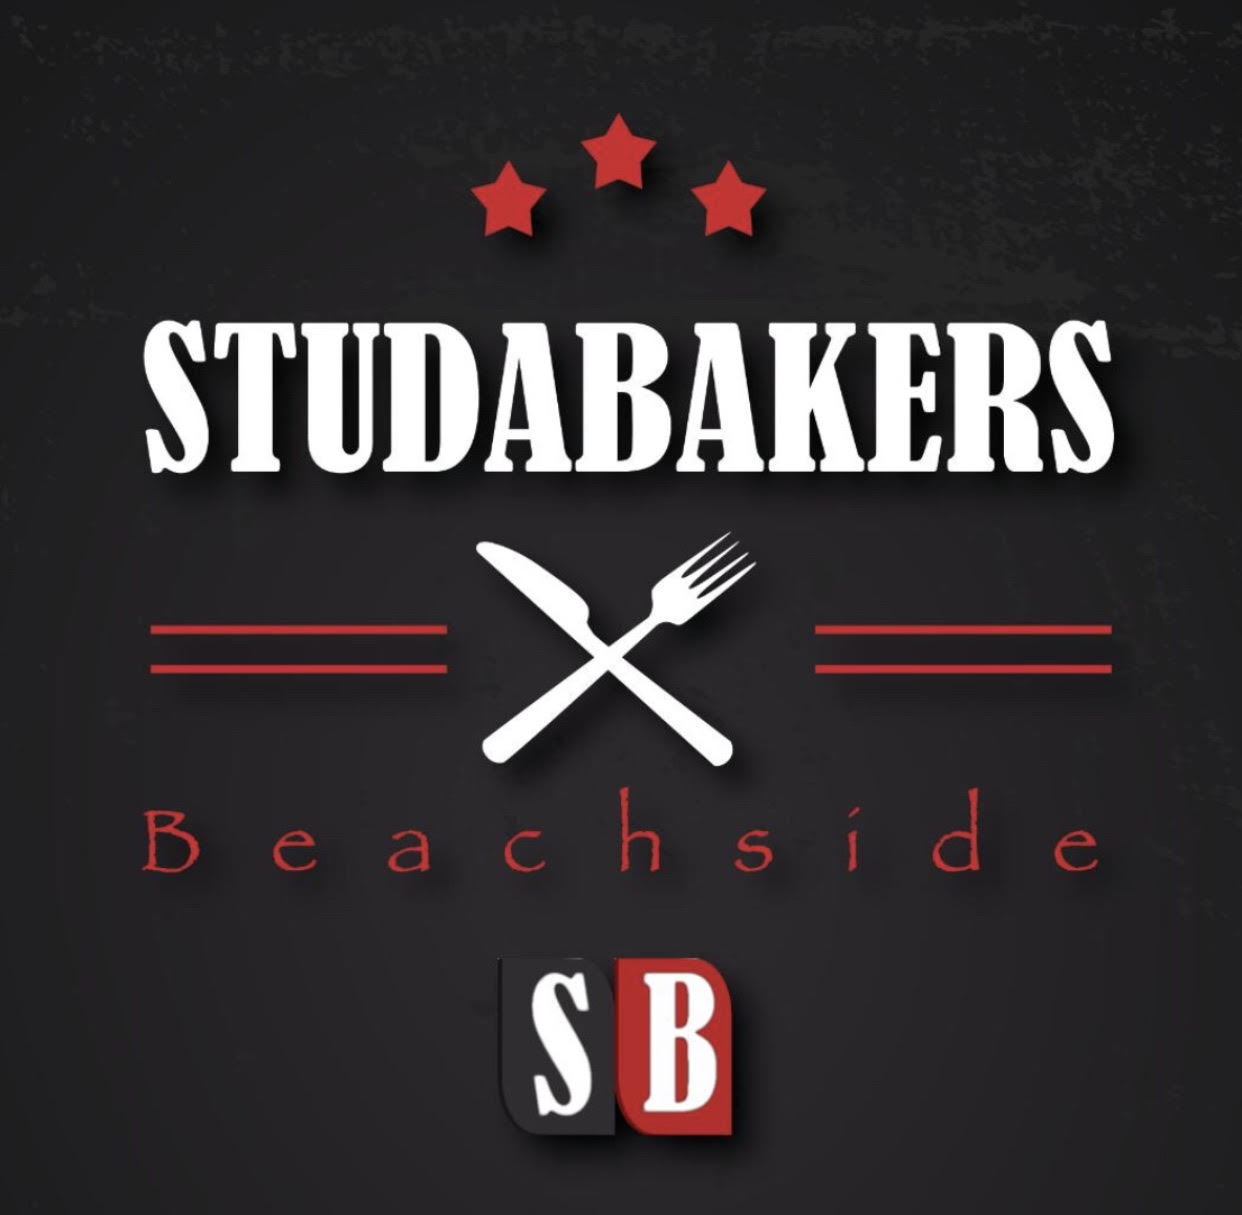 Studabakers: Best Restaurants In Orillia